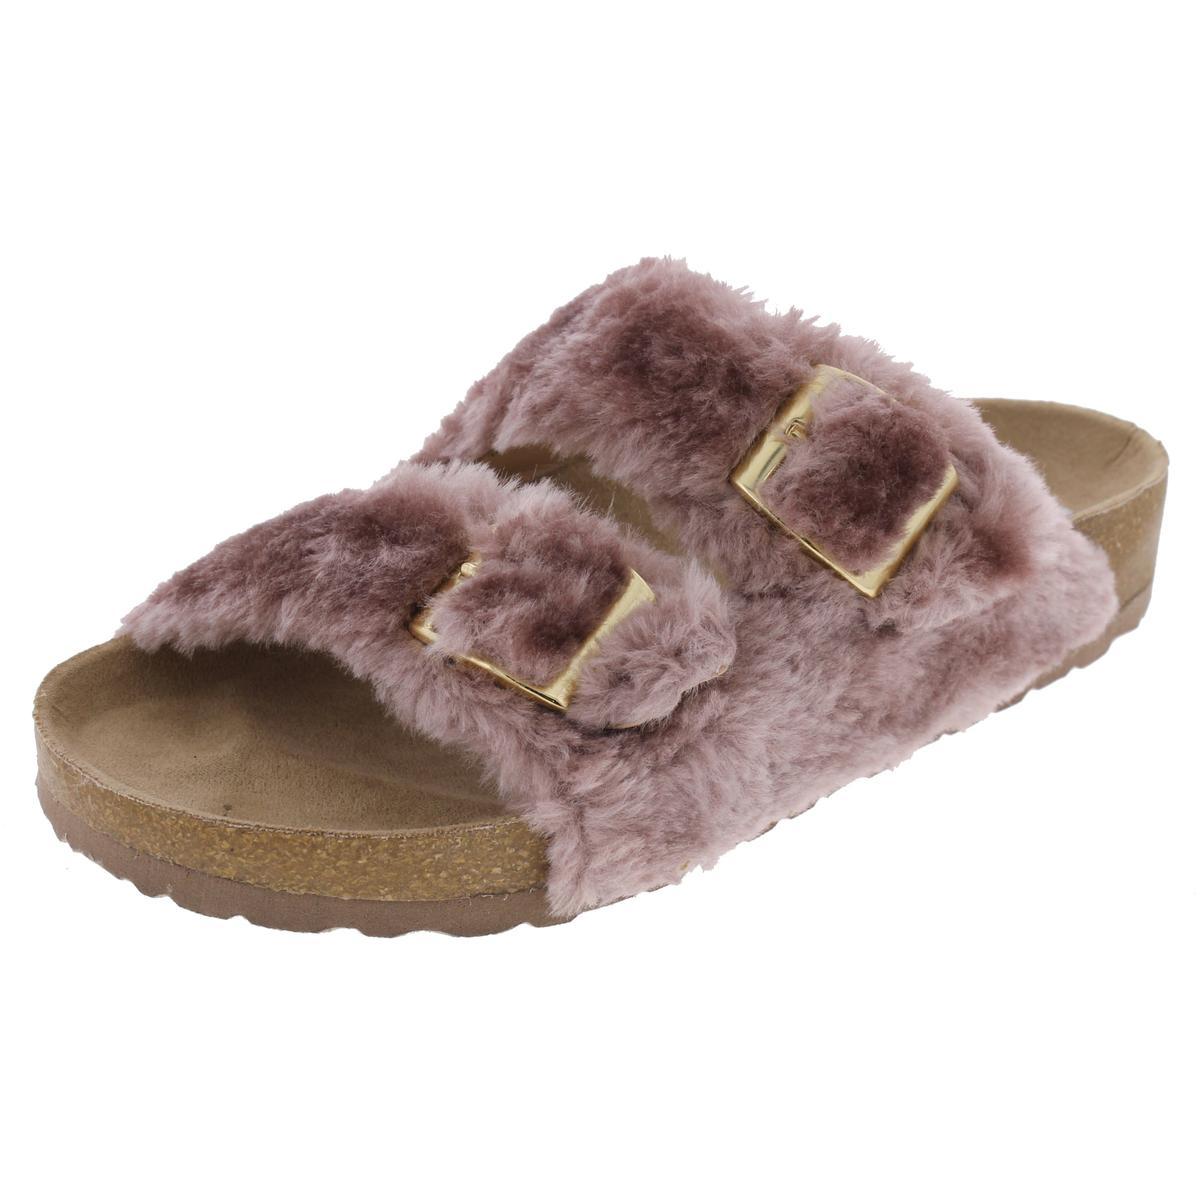 80852a46ef7 Details about Steve Madden Womens Soul Faux Fur Double Strap Slide Sandals  Shoes BHFO 8692